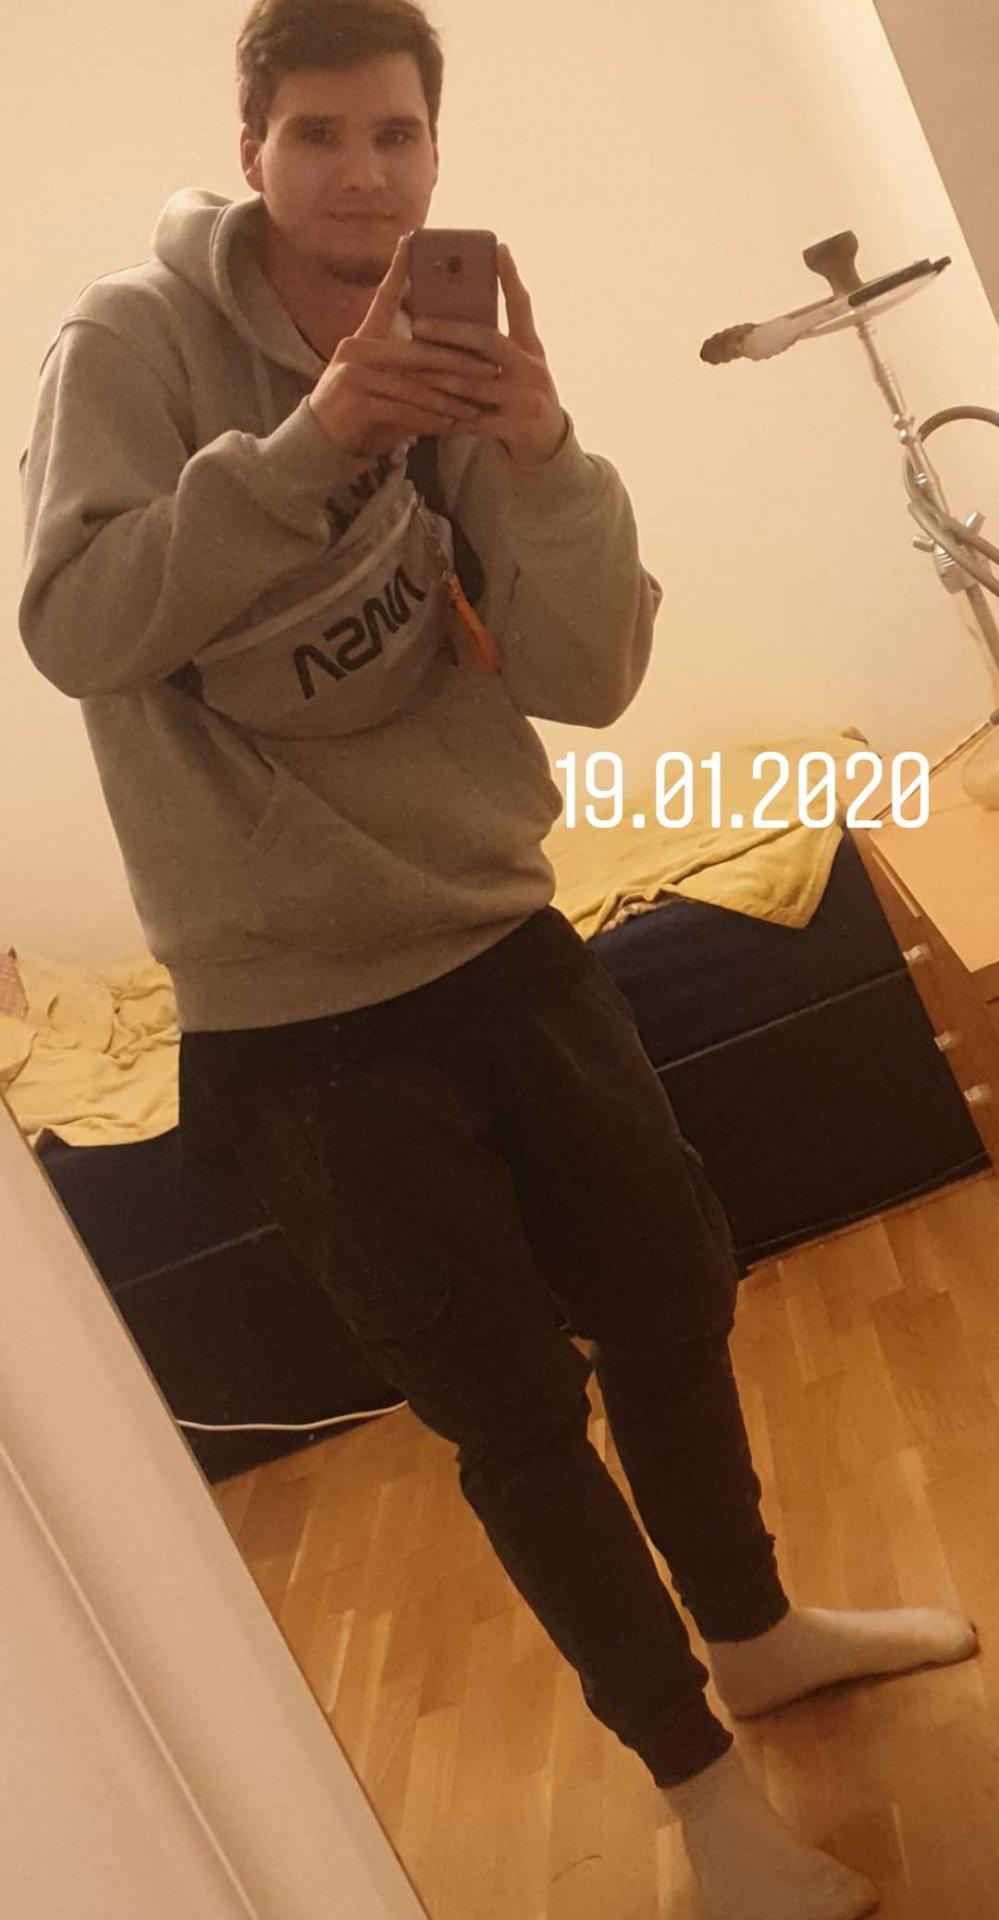 Daniel4020 aus Oberösterreich,Österreich